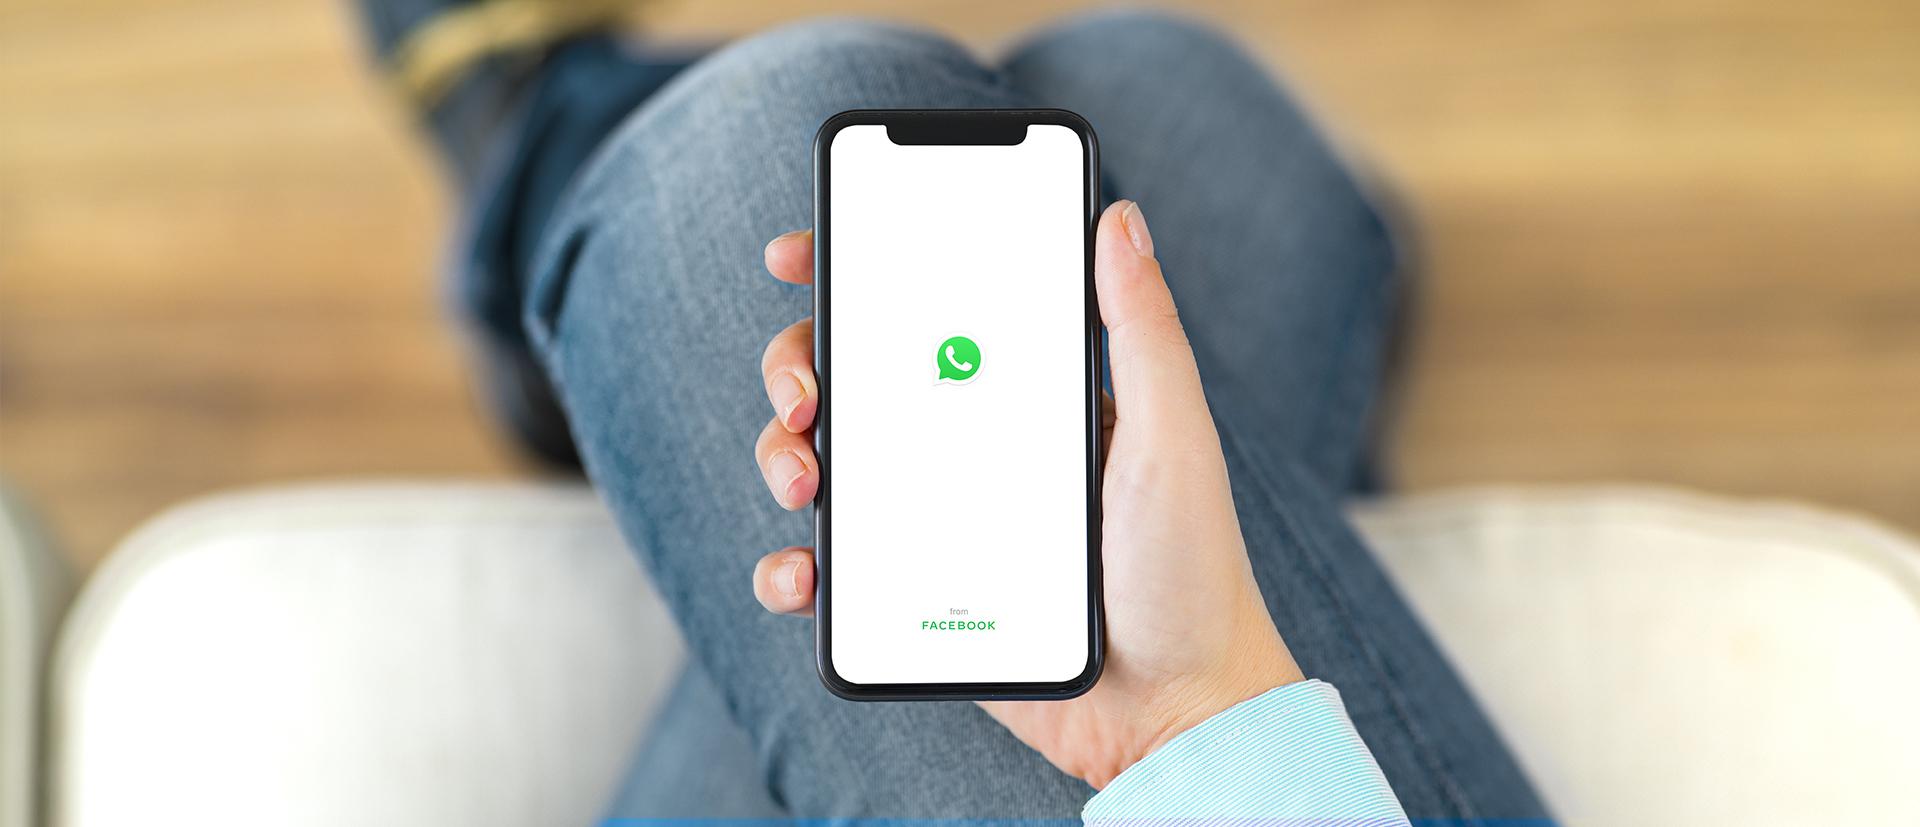 [POST] Whatsapp payments cancelado pelo Banco Central por conta de seguranca